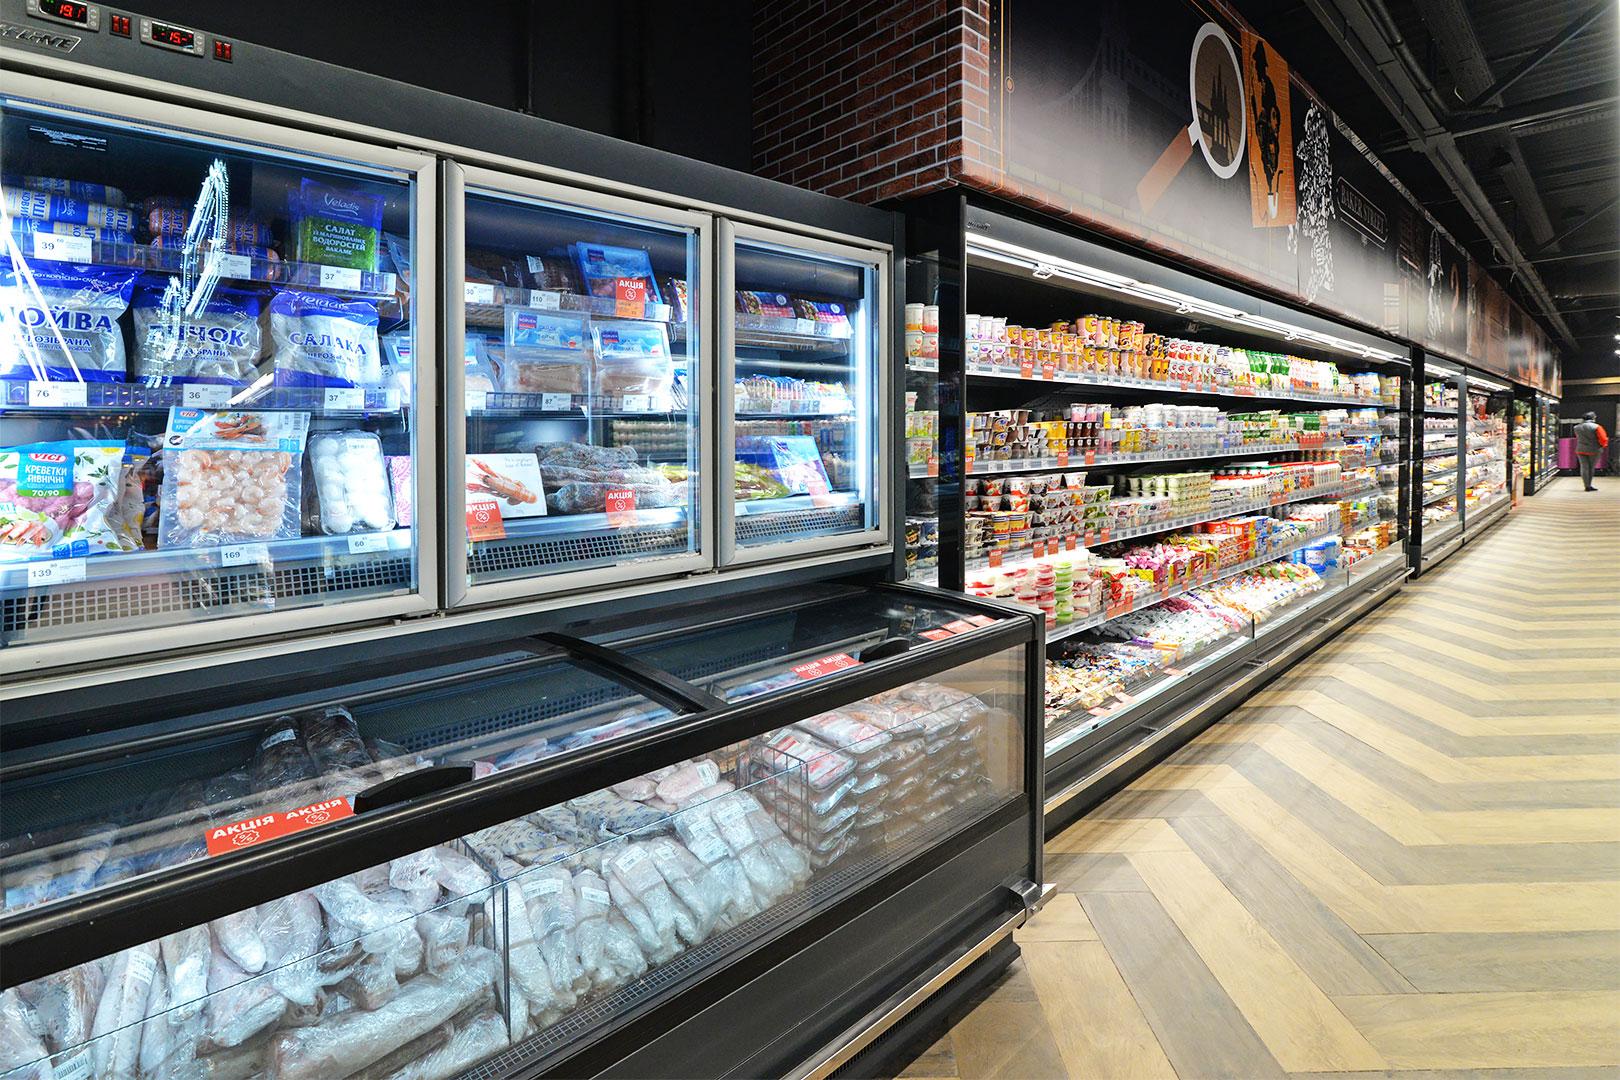 Frozen foods units Alaska combi 2 MD MHV 110 LT D / C 220-DLM, multideck cabinets Indiana MV 080 MT O 205-DLM